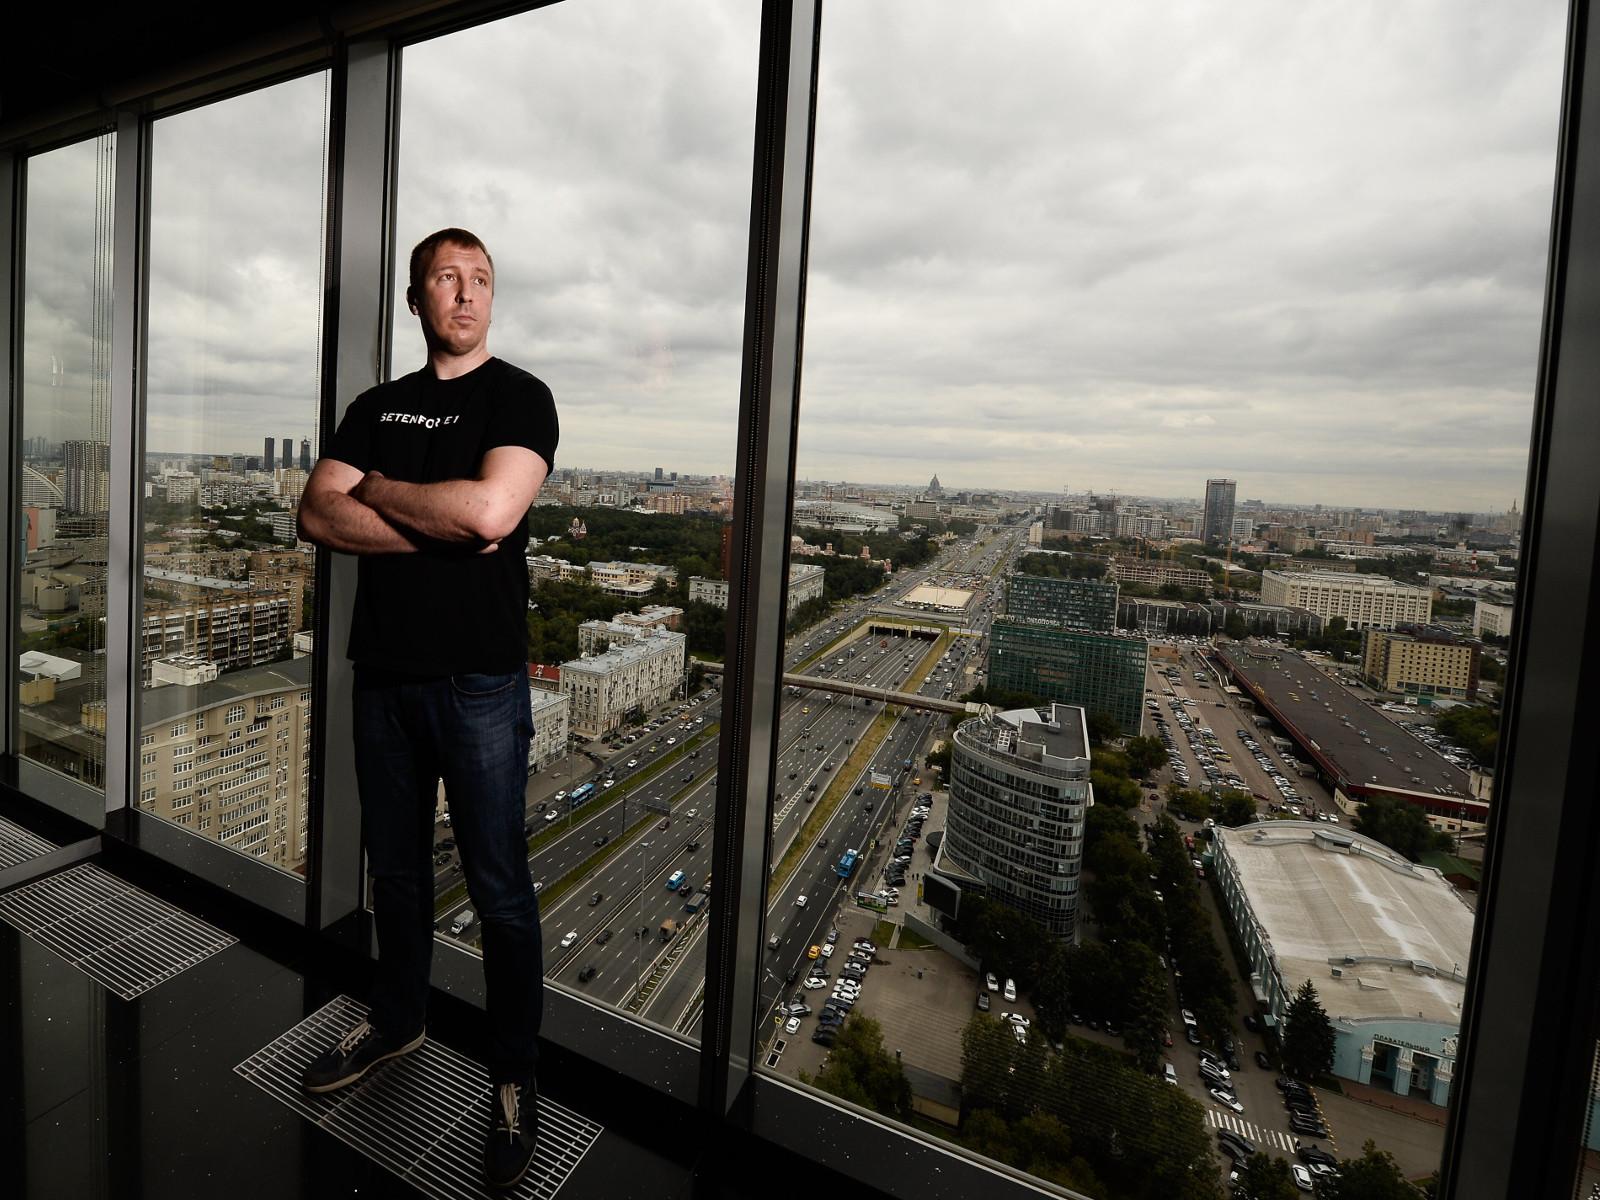 Андрей Губа, технический директор «Одноклассников»